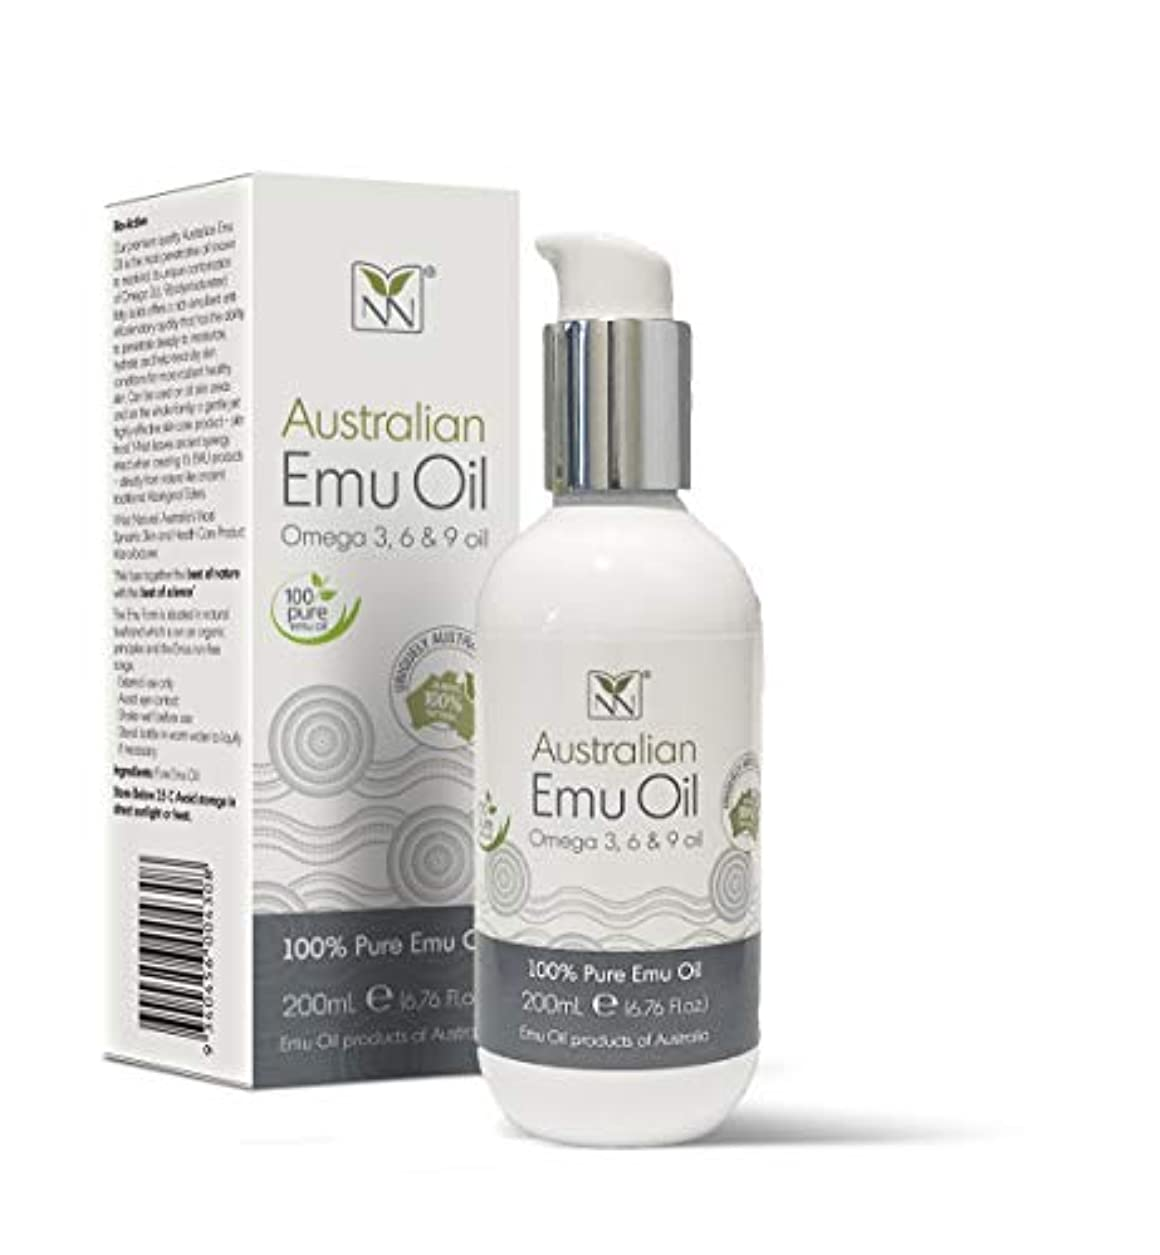 生きる司教思春期Y Not Natural エミューオイル EMU OIL 無添加100% 保湿性 浸透性 抜群 プレミアム品質 エミュー油 (200 ml)